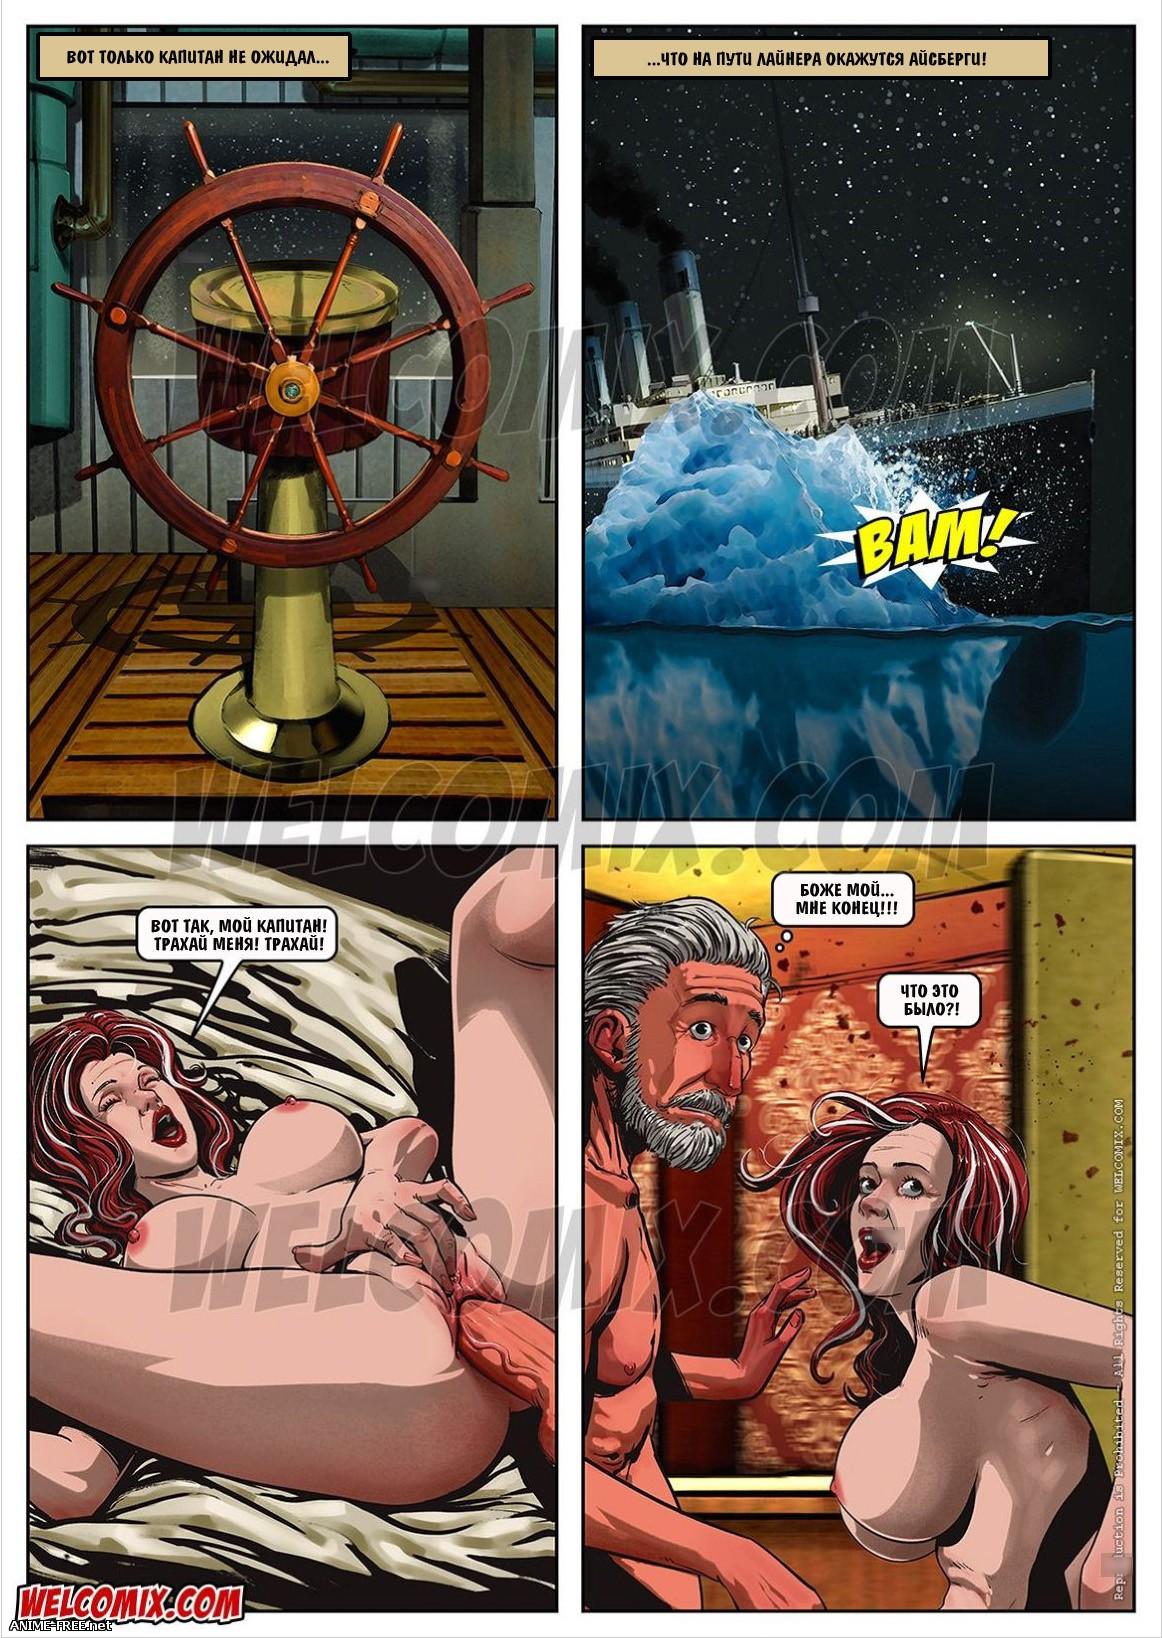 Comix (RUS) Collection / Сборник комиксов с переводом на русский язык [Uncen] [RUS] Porn Comics